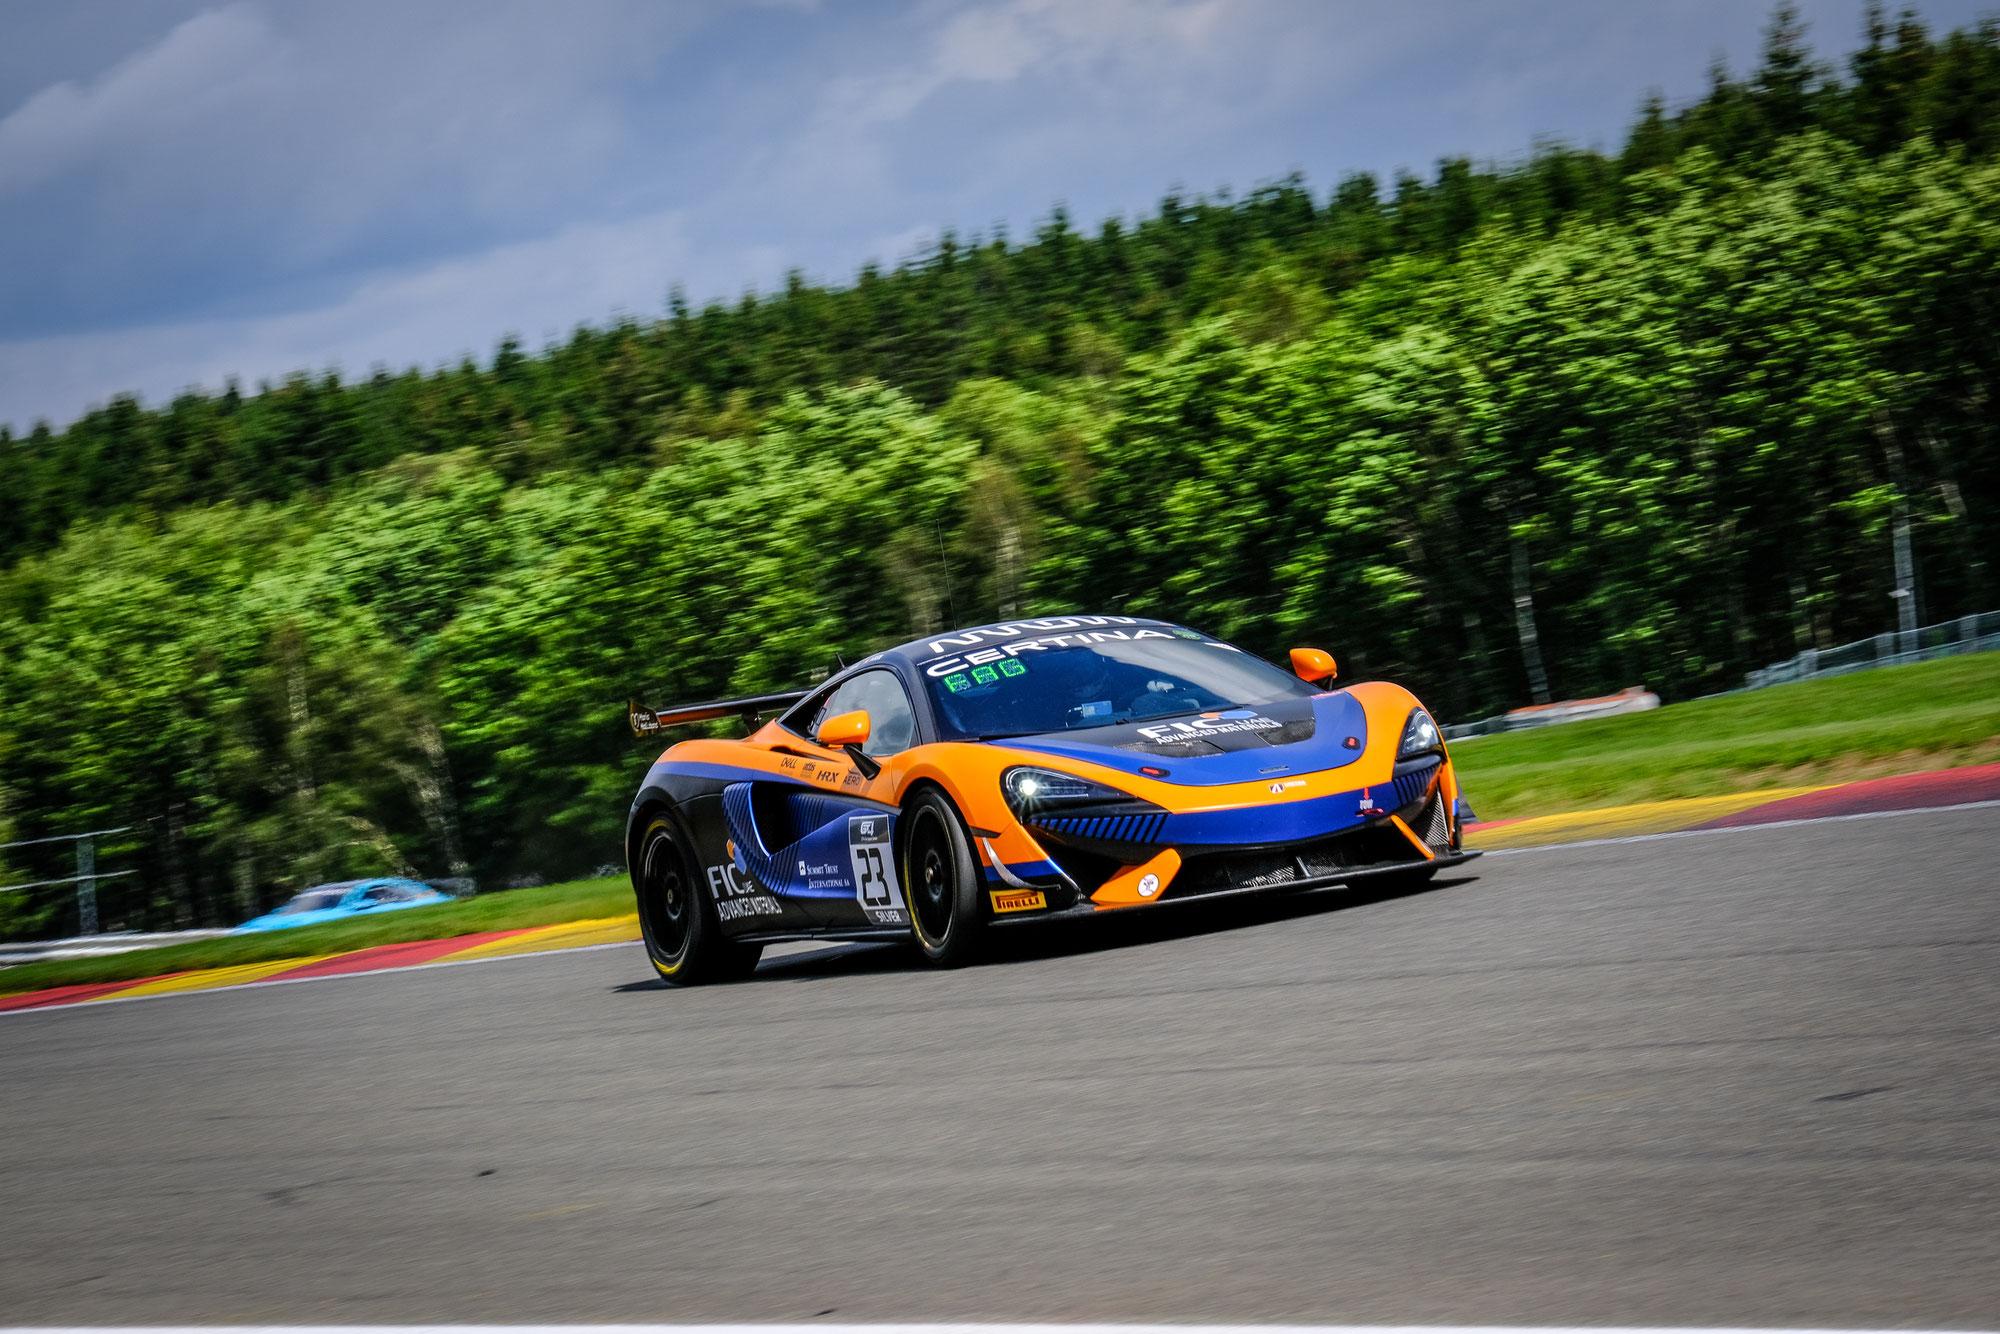 United Autosports McLaren und Mirage Racing Aston Martin an der Spitze der Startaufstellung für die Rennen in Spa